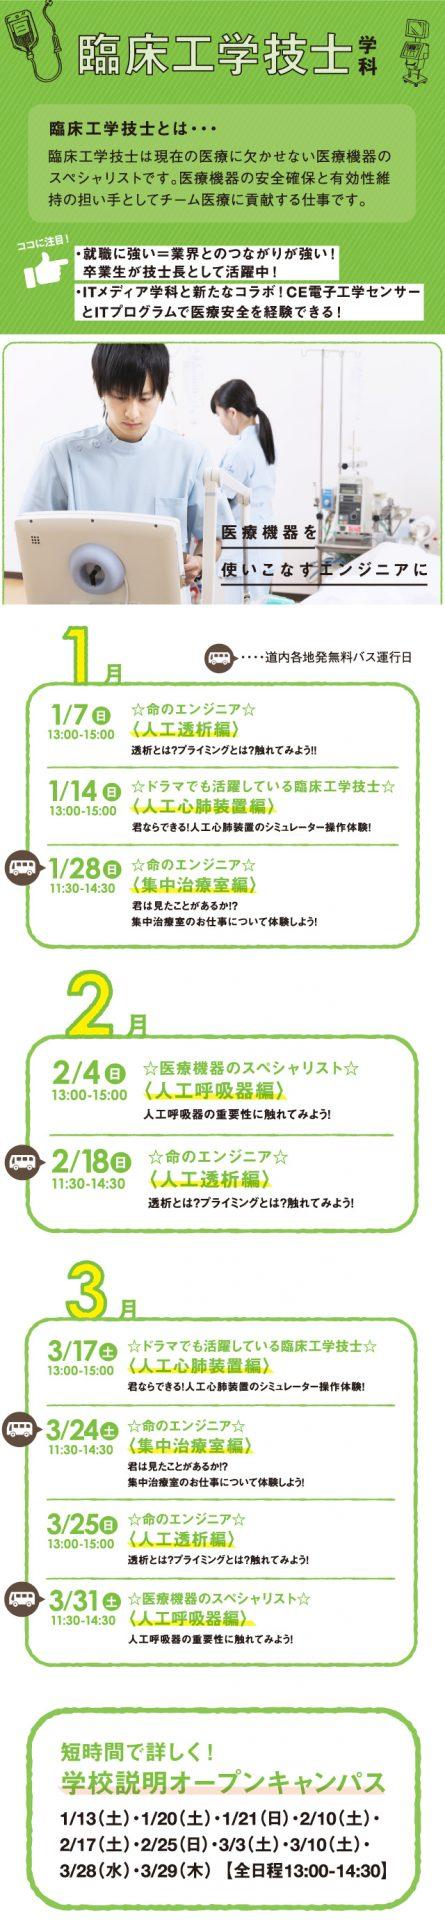 20171224_ハイテク_02